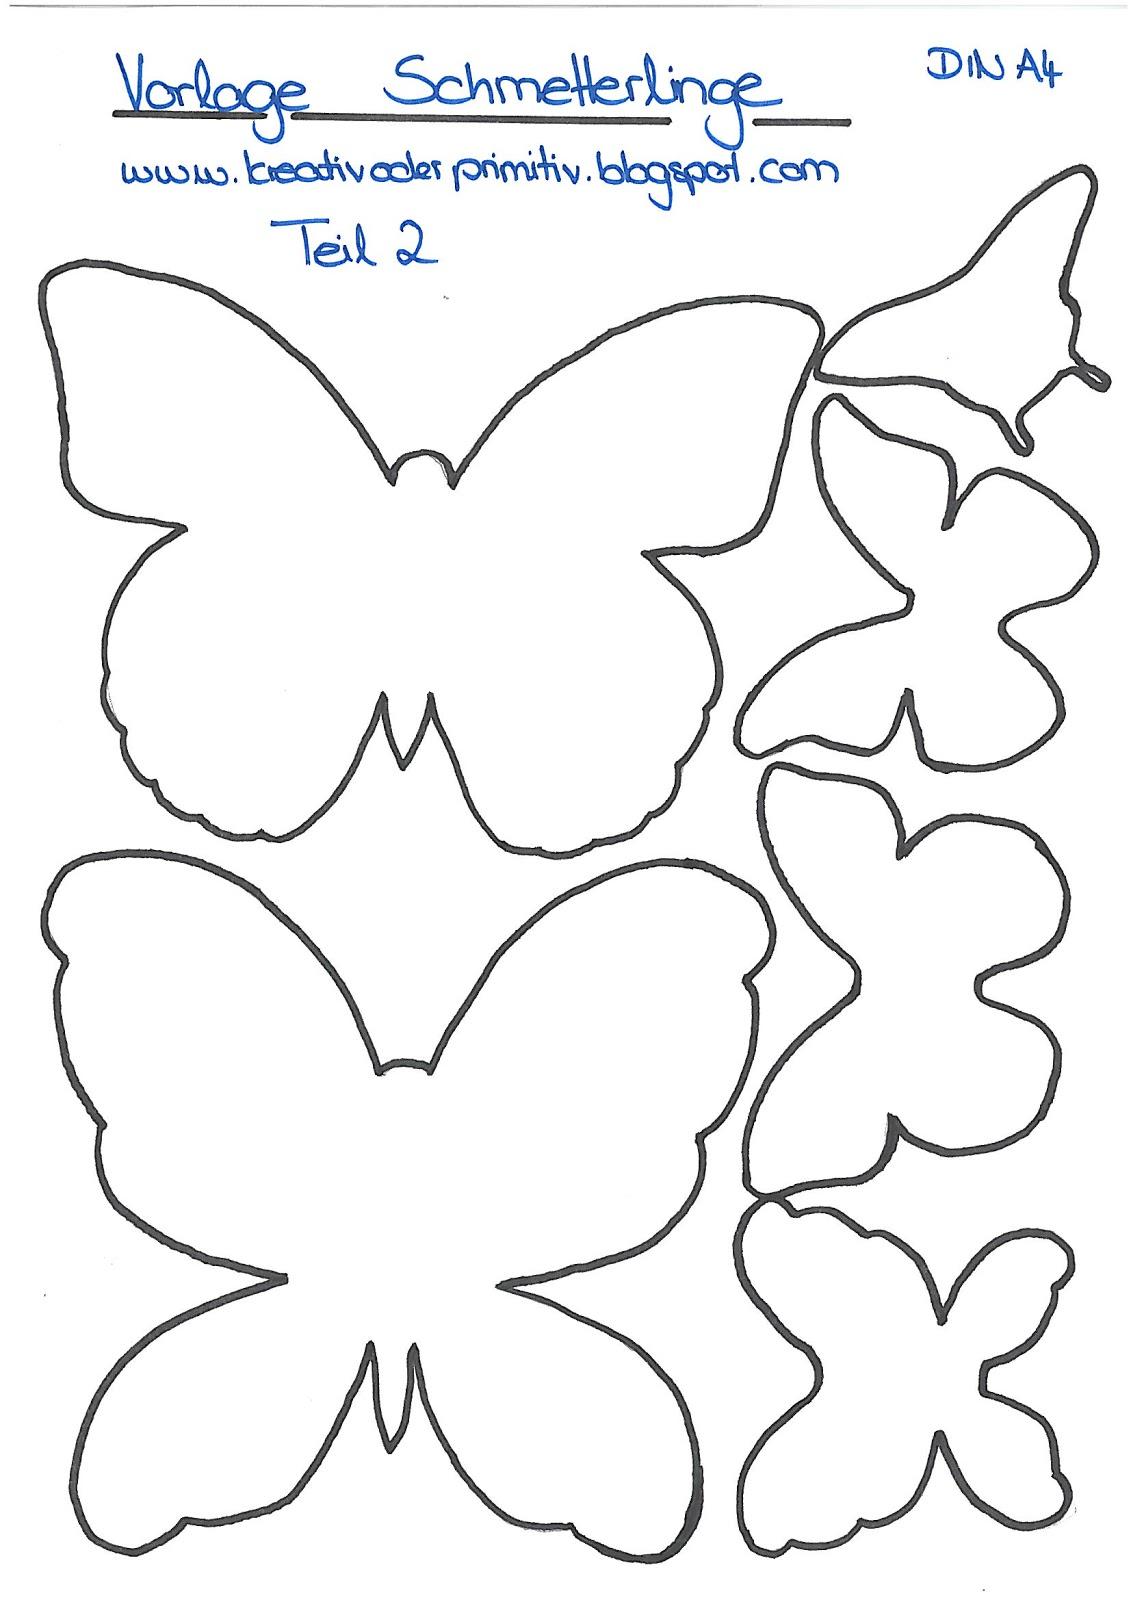 Kreativ Oder Primitiv?: Schmetterling-Collage für Schmetterling Vorlage